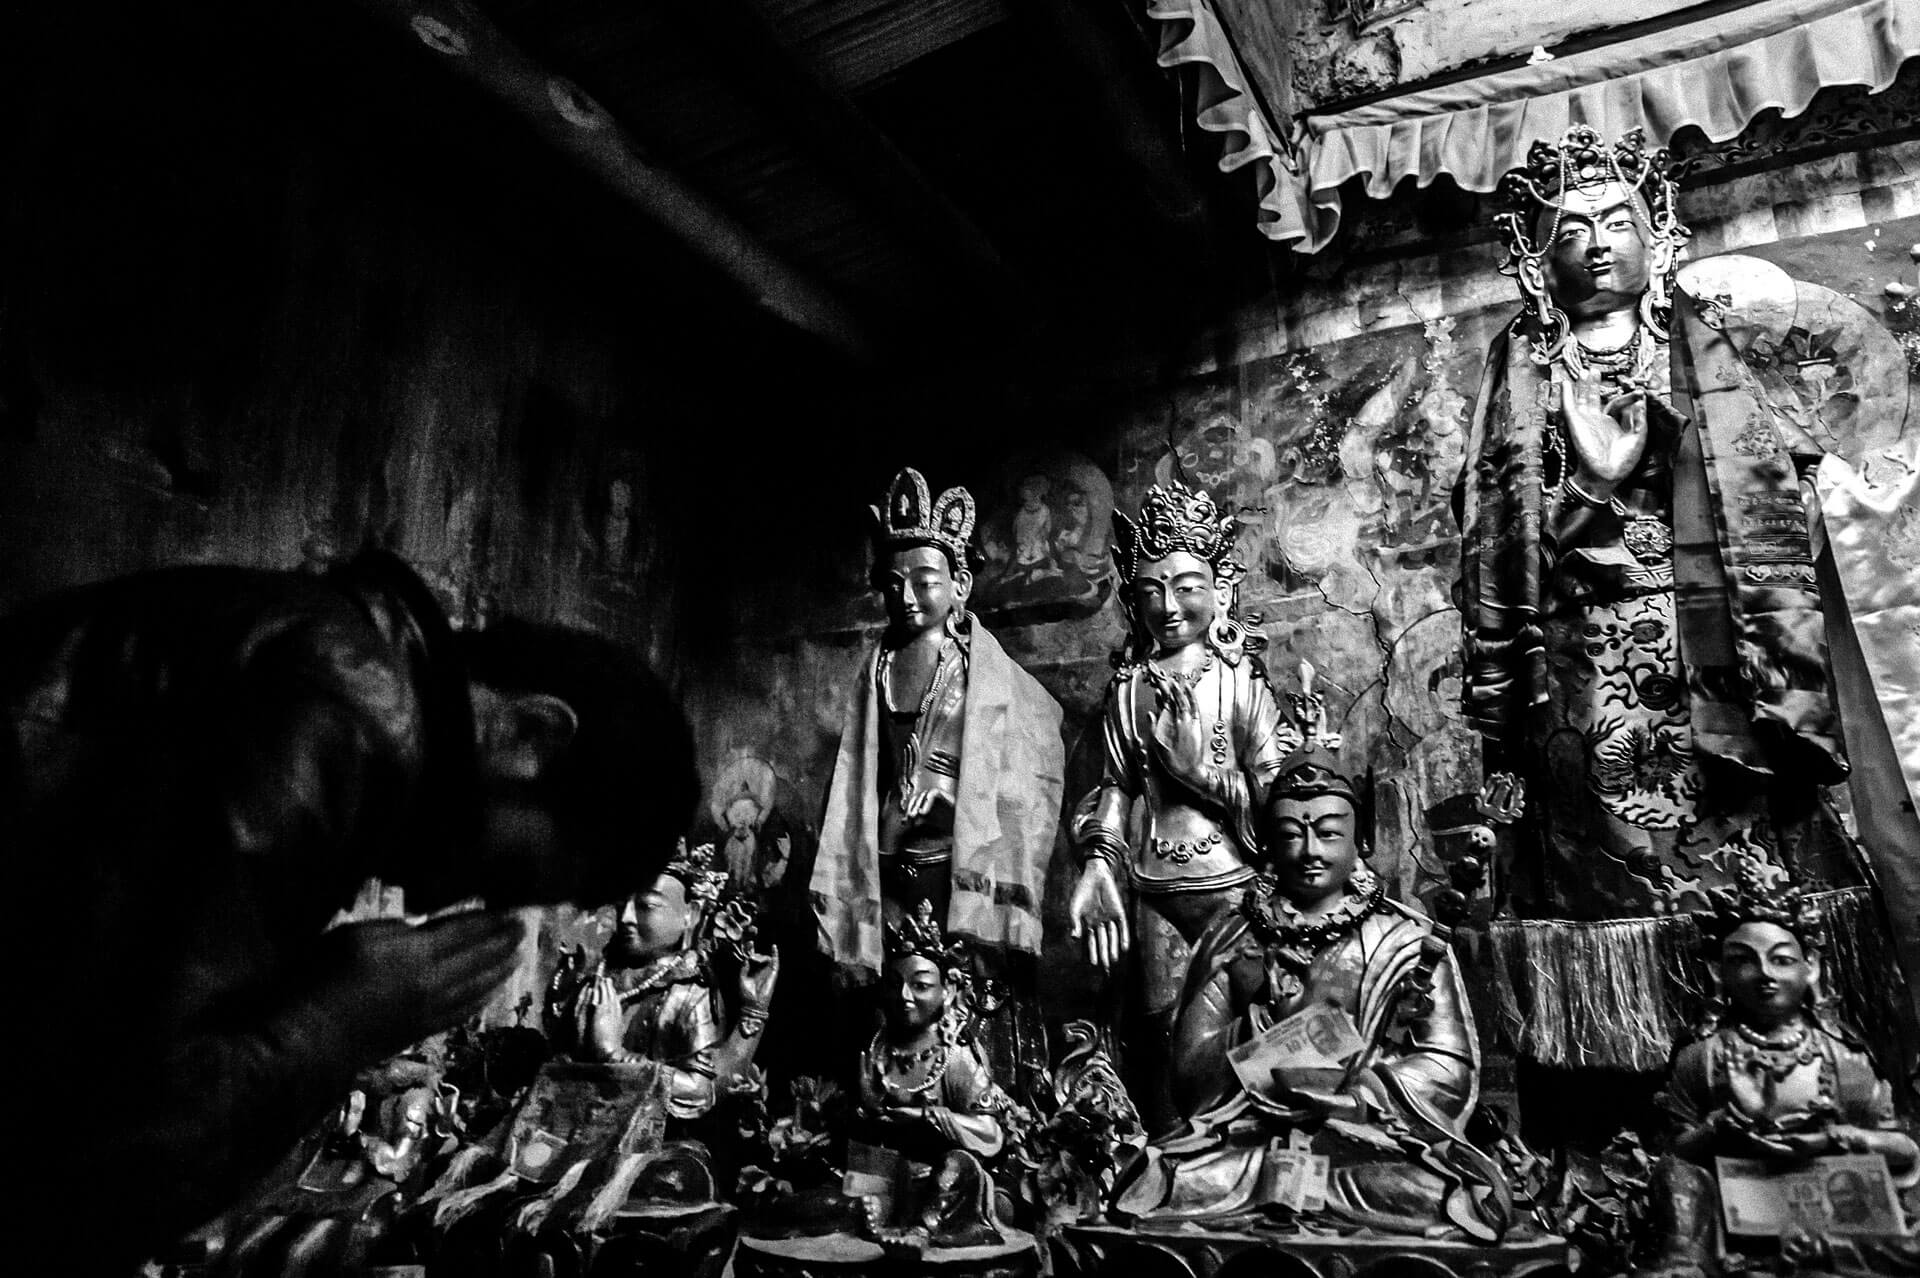 Album fotograficzny Cicha mantra Książka fotograficzna Cicha mantra Photobook The Silent Mantra Fotografia podróżnicza Jakub Śliwa Ladakh, Himalaje